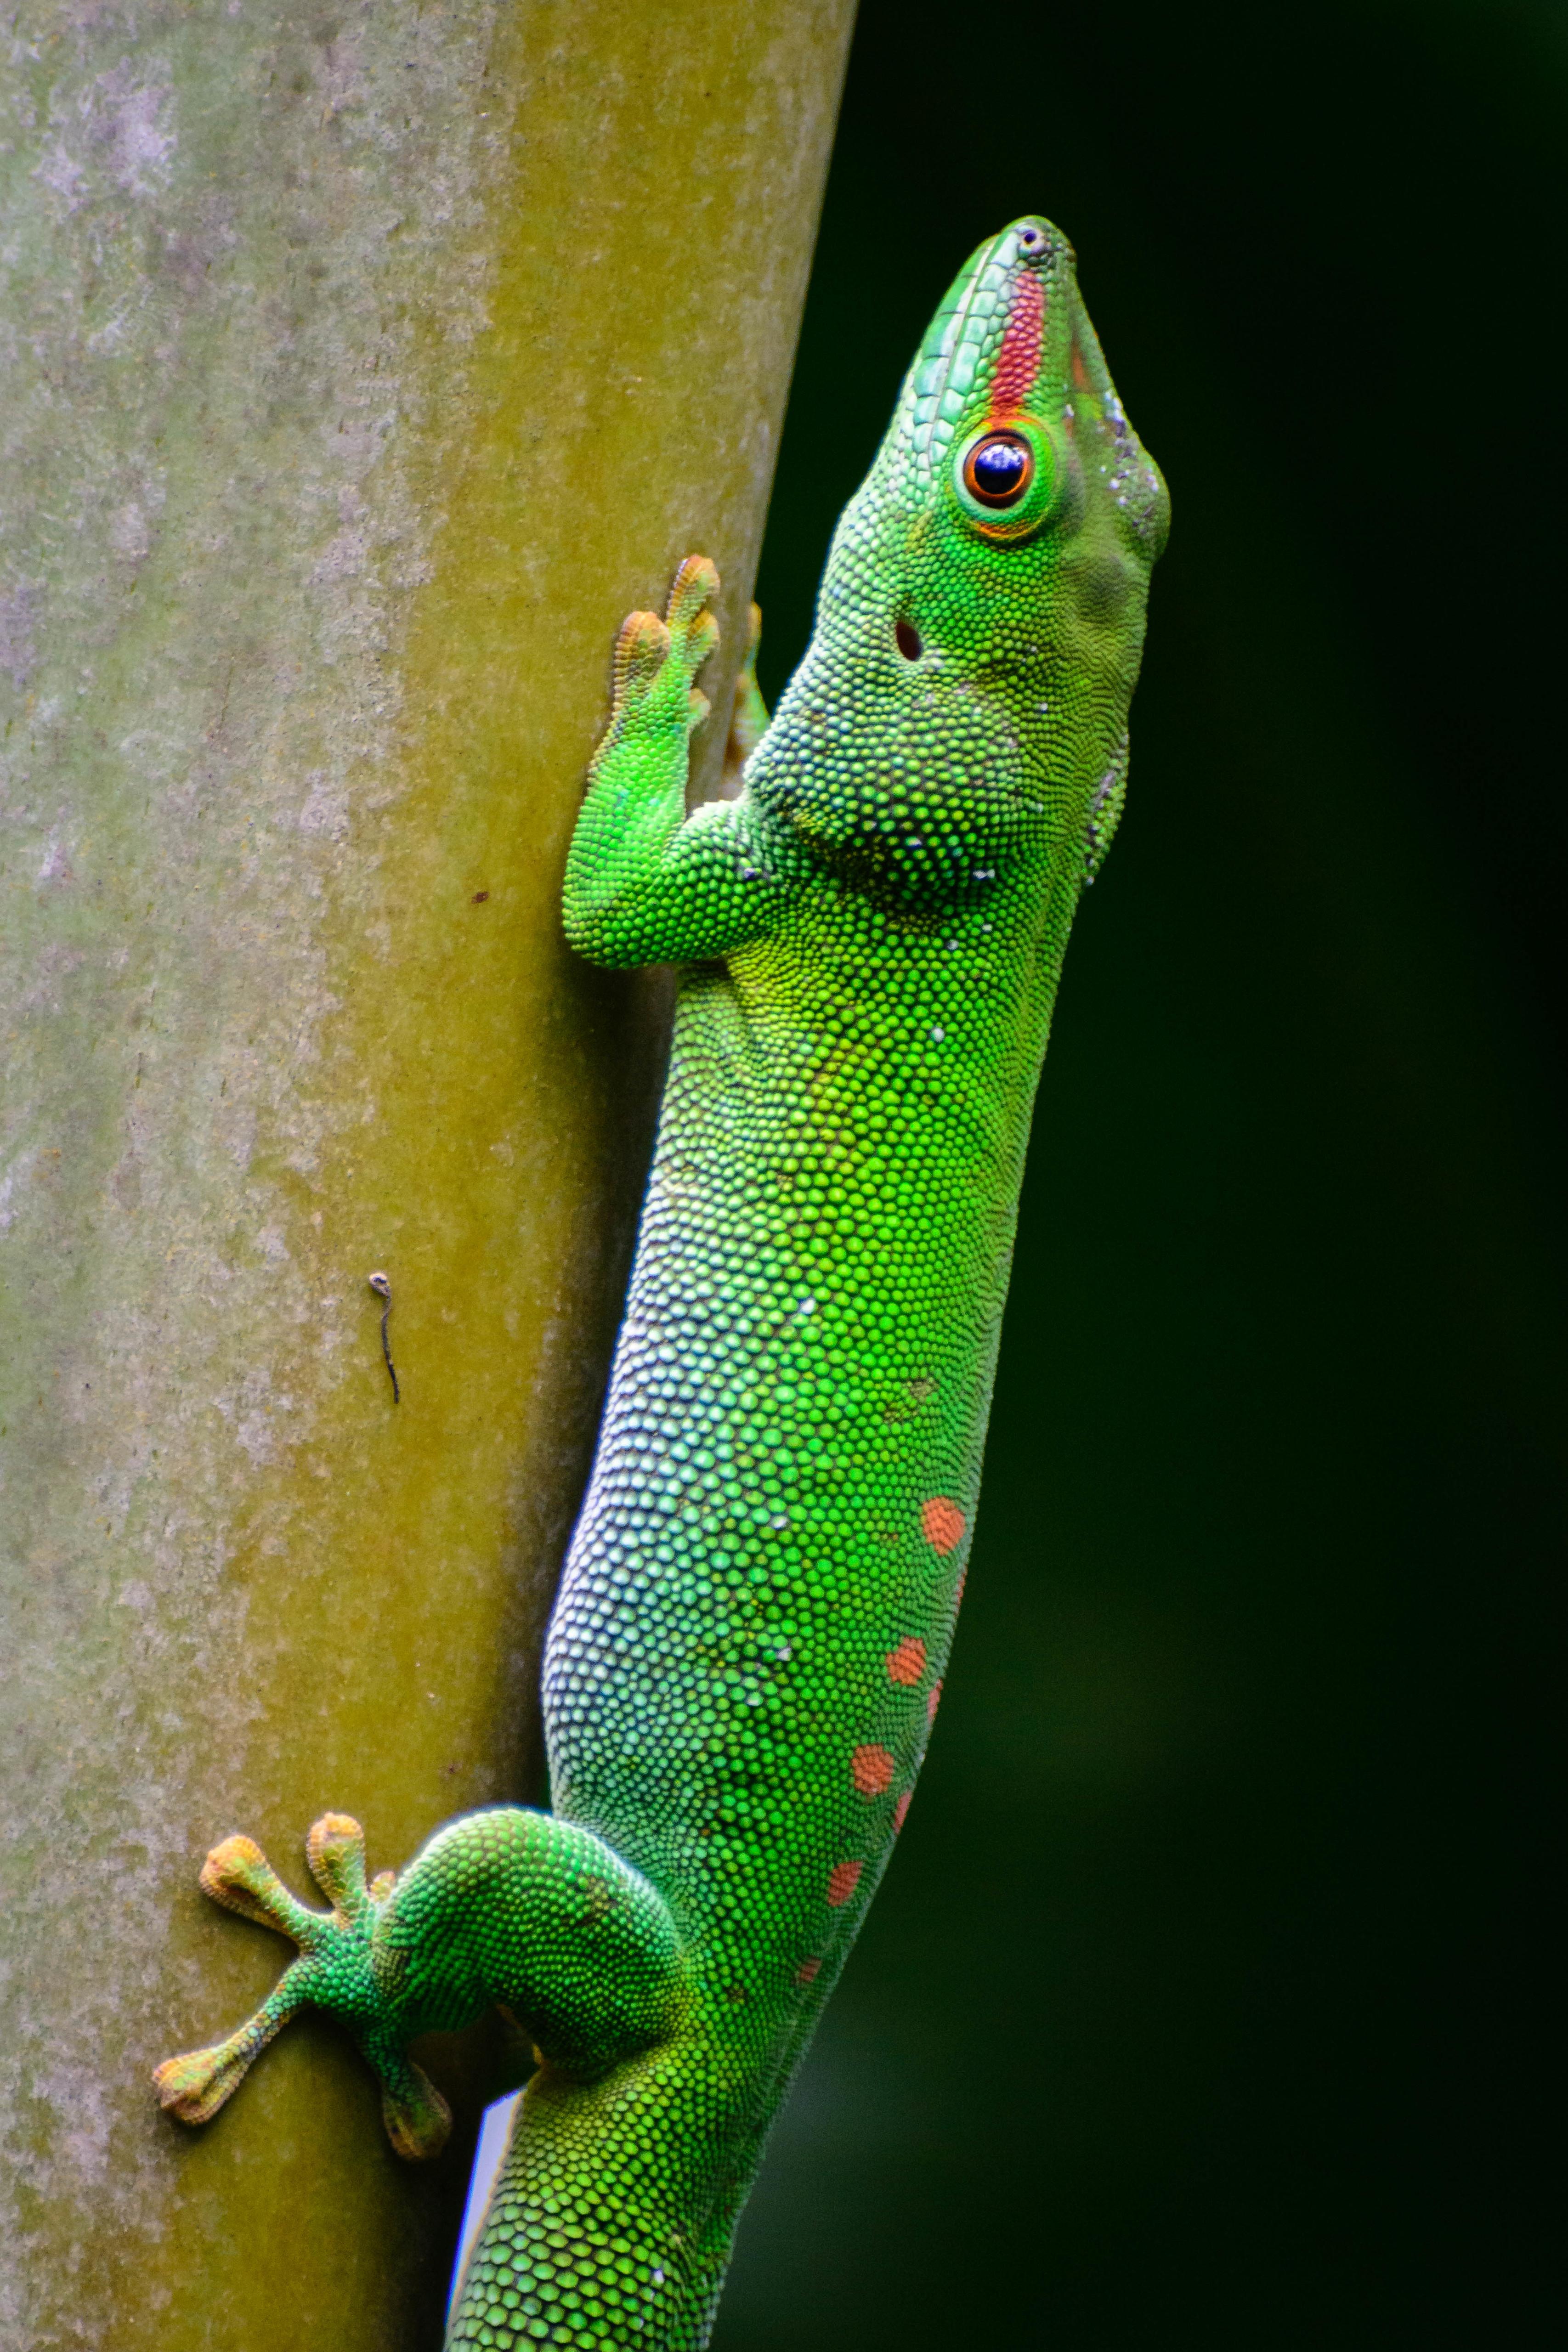 55563 Hintergrundbild herunterladen Tiere, Eidechse, Reptil, Reptile, Waage, Skala - Bildschirmschoner und Bilder kostenlos